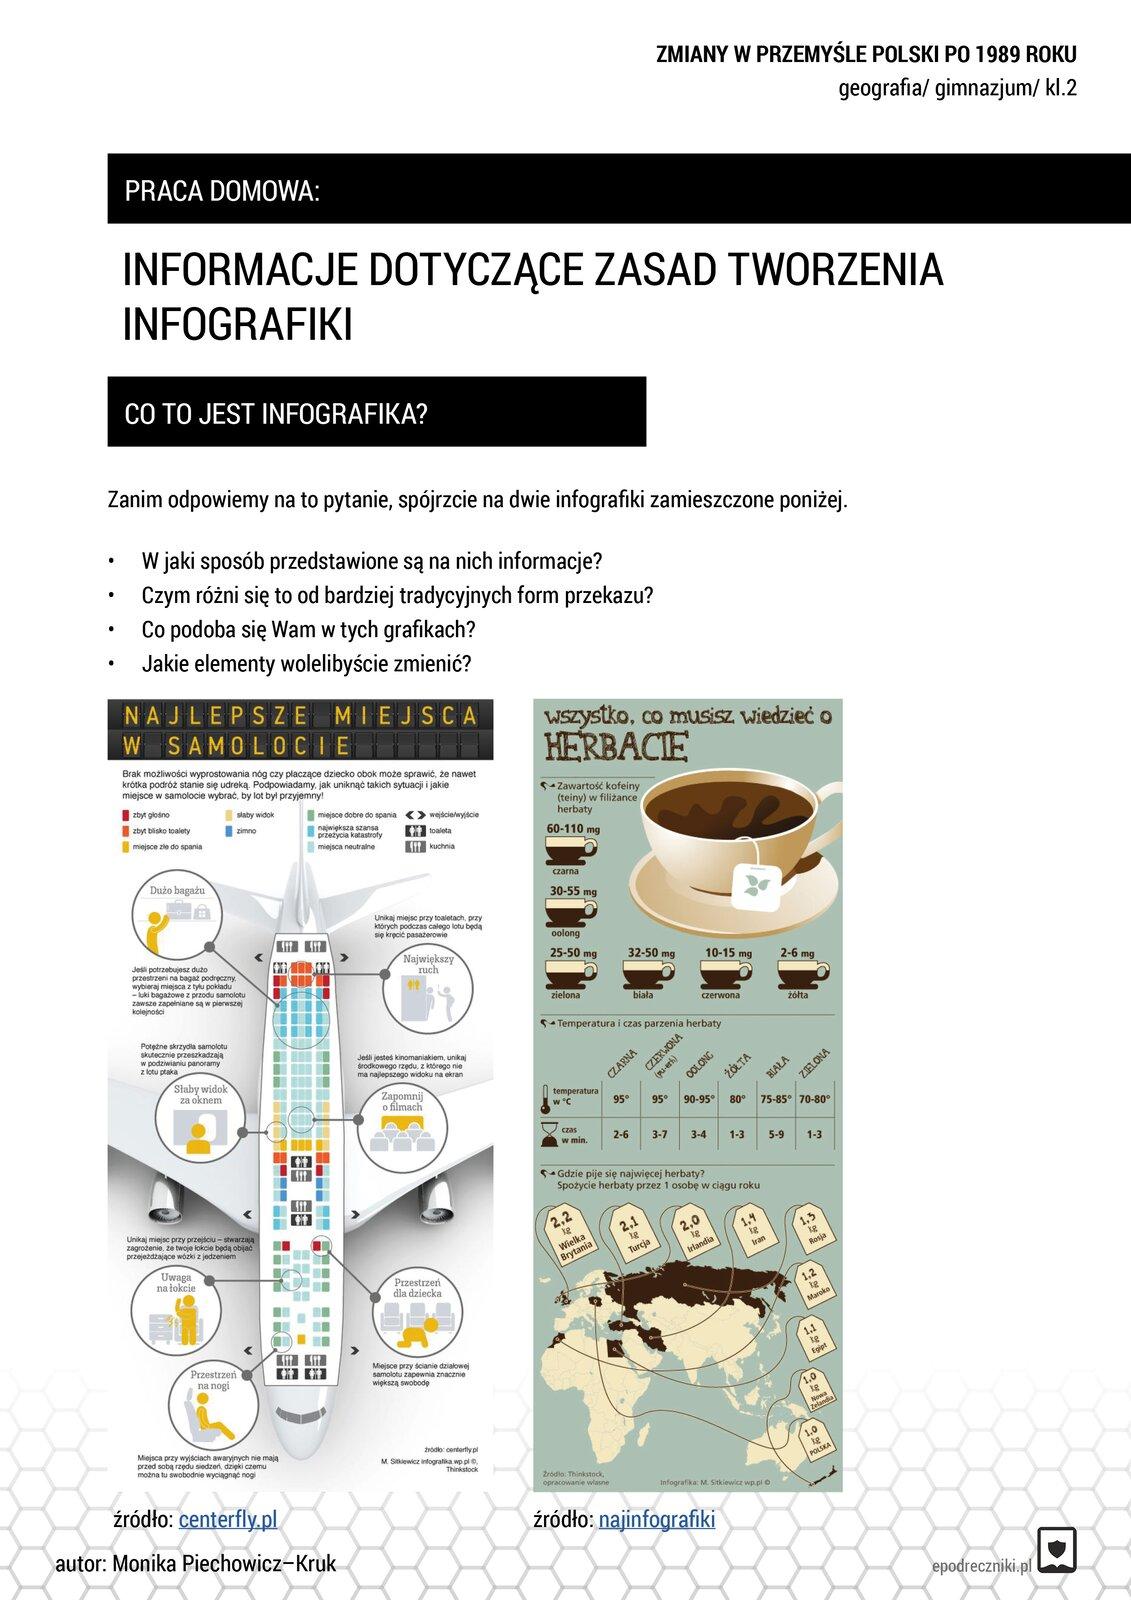 Arkusz zawiera informacje jak tworzyć infografiki.